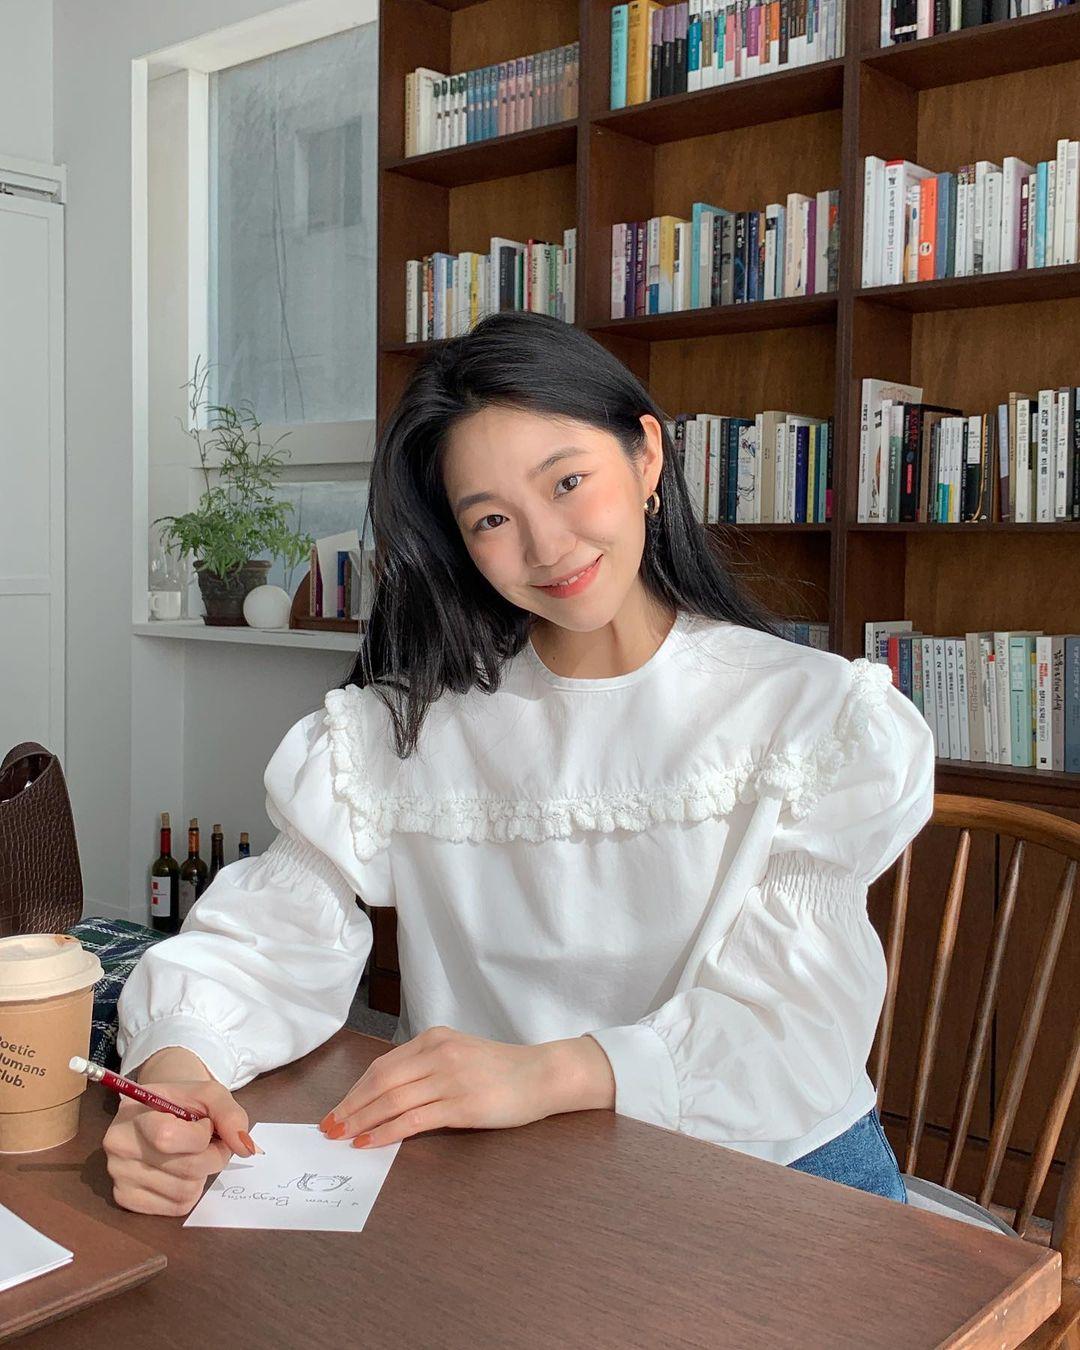 Những chiếc áo bánh bèo đang chiếm sóng Instagram sao Việt dạo này, nhìn rườm rà vậy thôi chứ dễ mix đồ lắm - Ảnh 5.